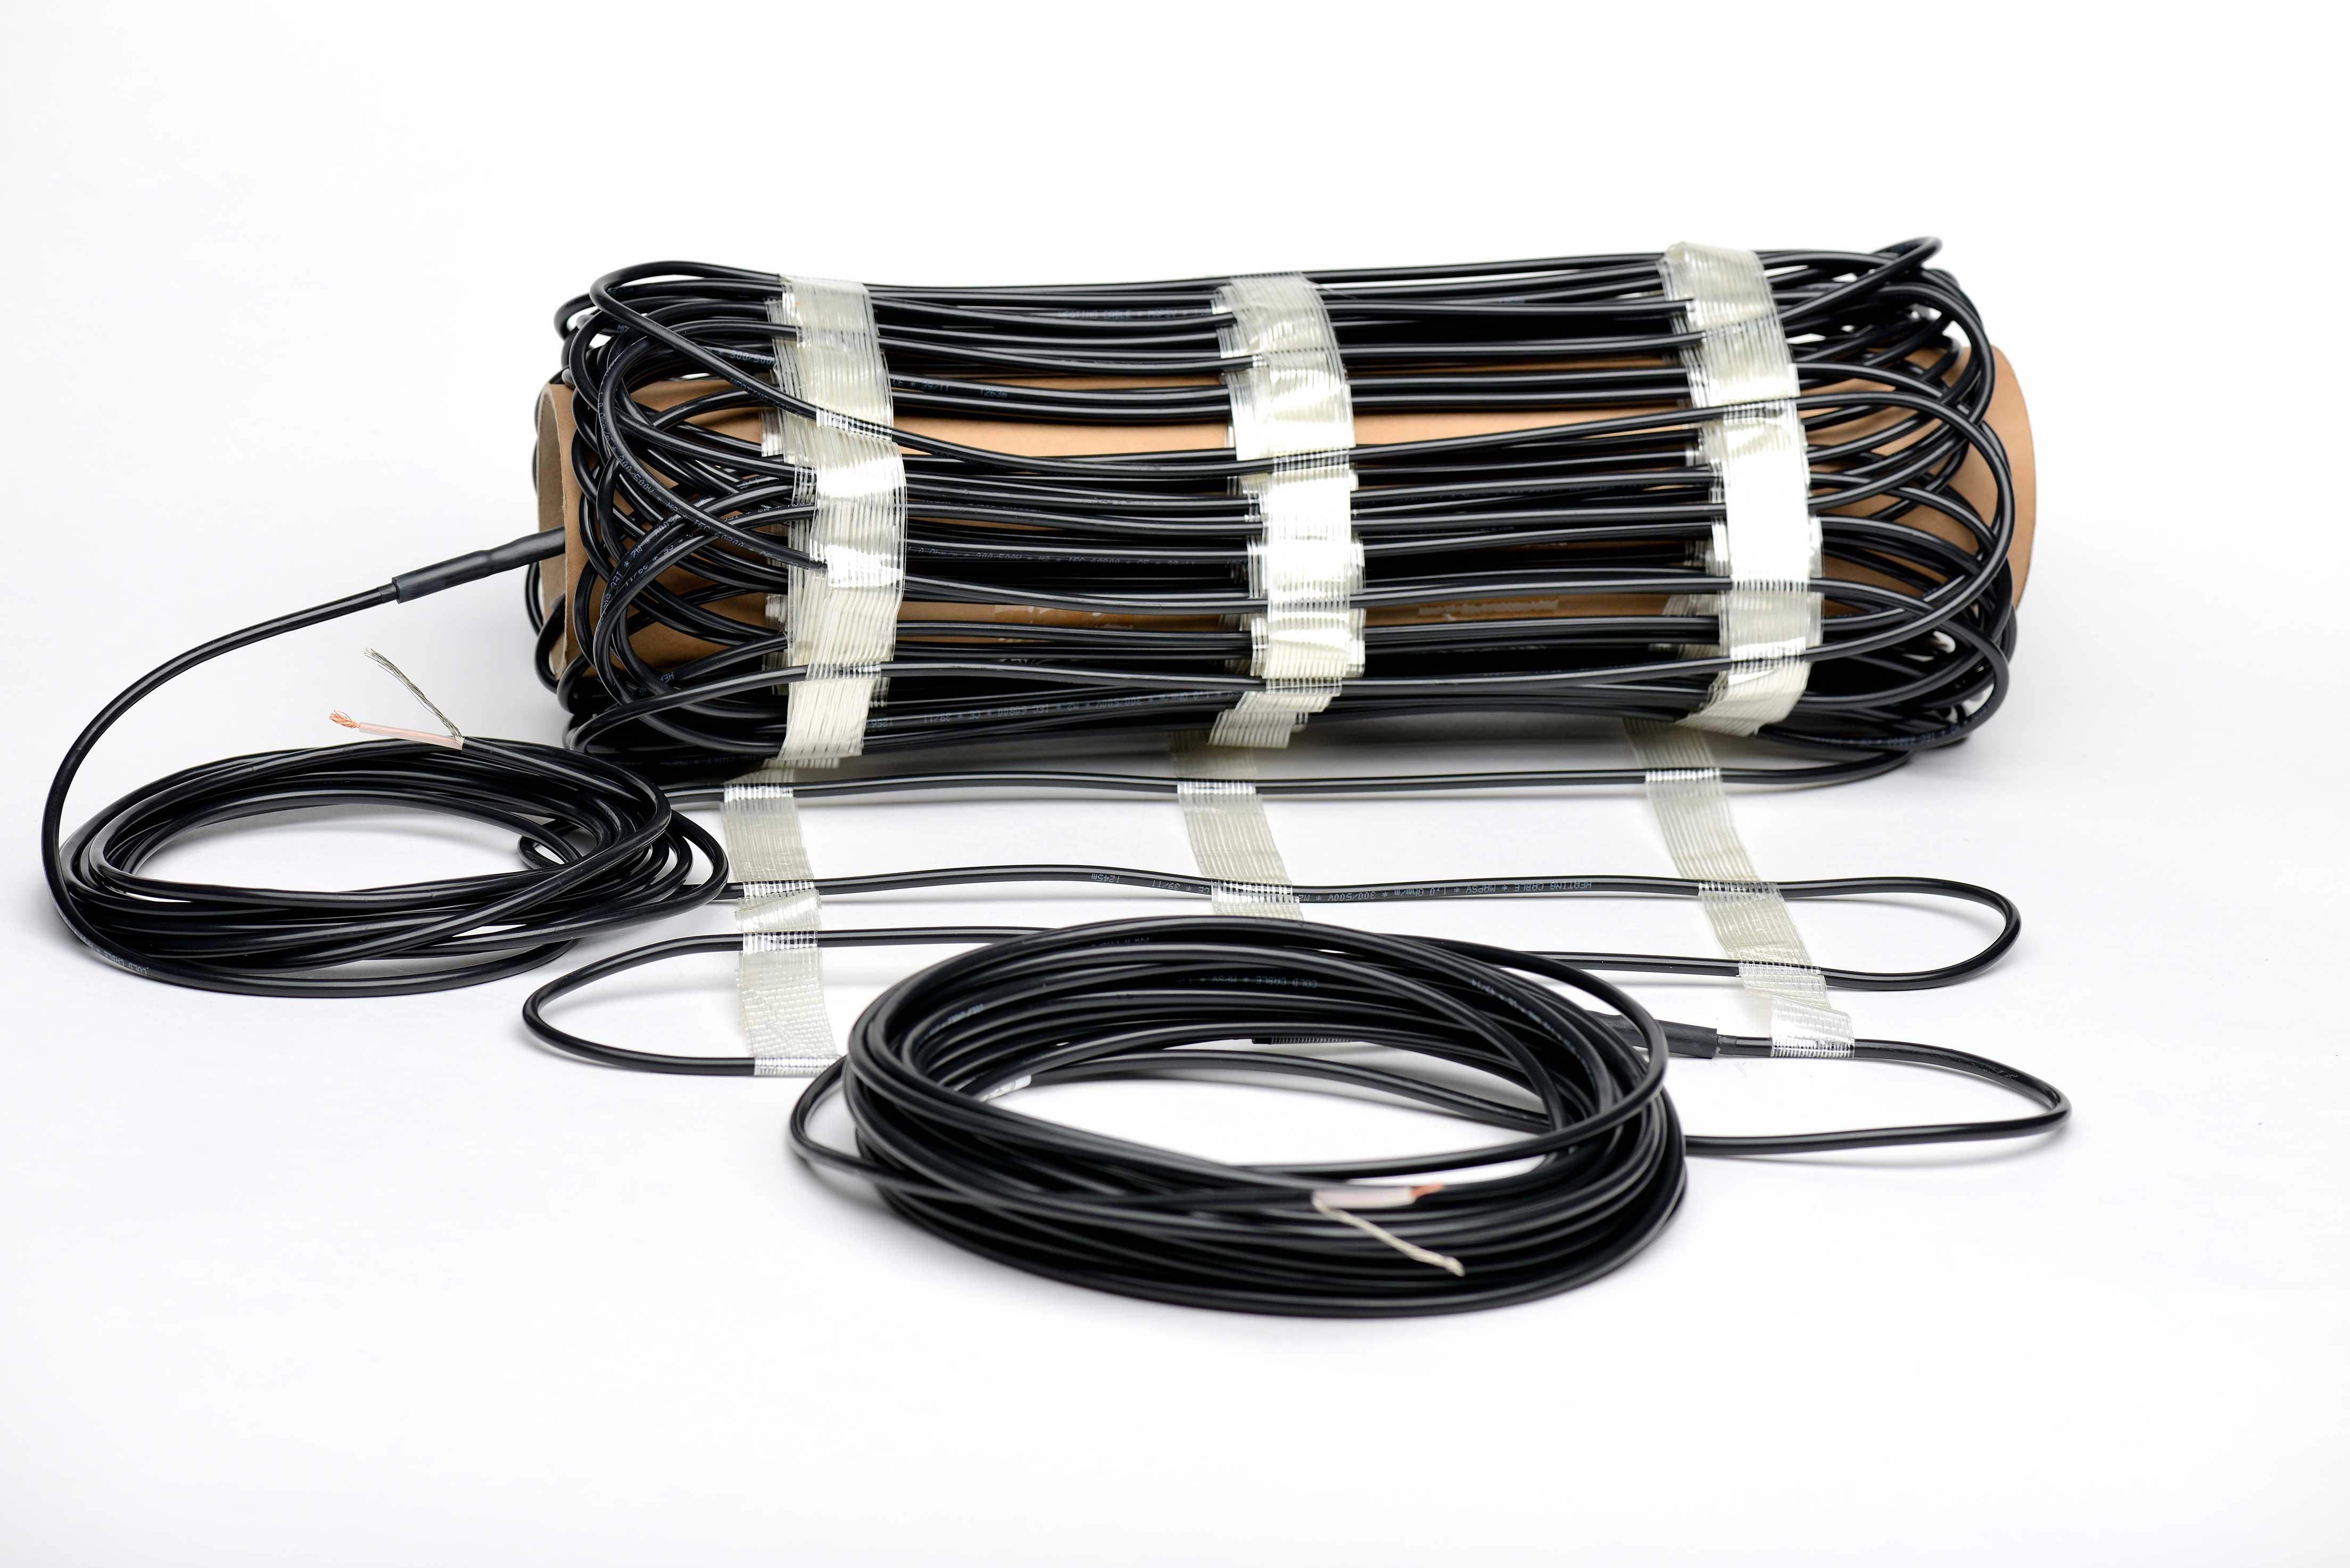 Šildymo kabelių kilimėlis CFTAV-300, 450 W, 1,5 m² (0,5 x 3 m)